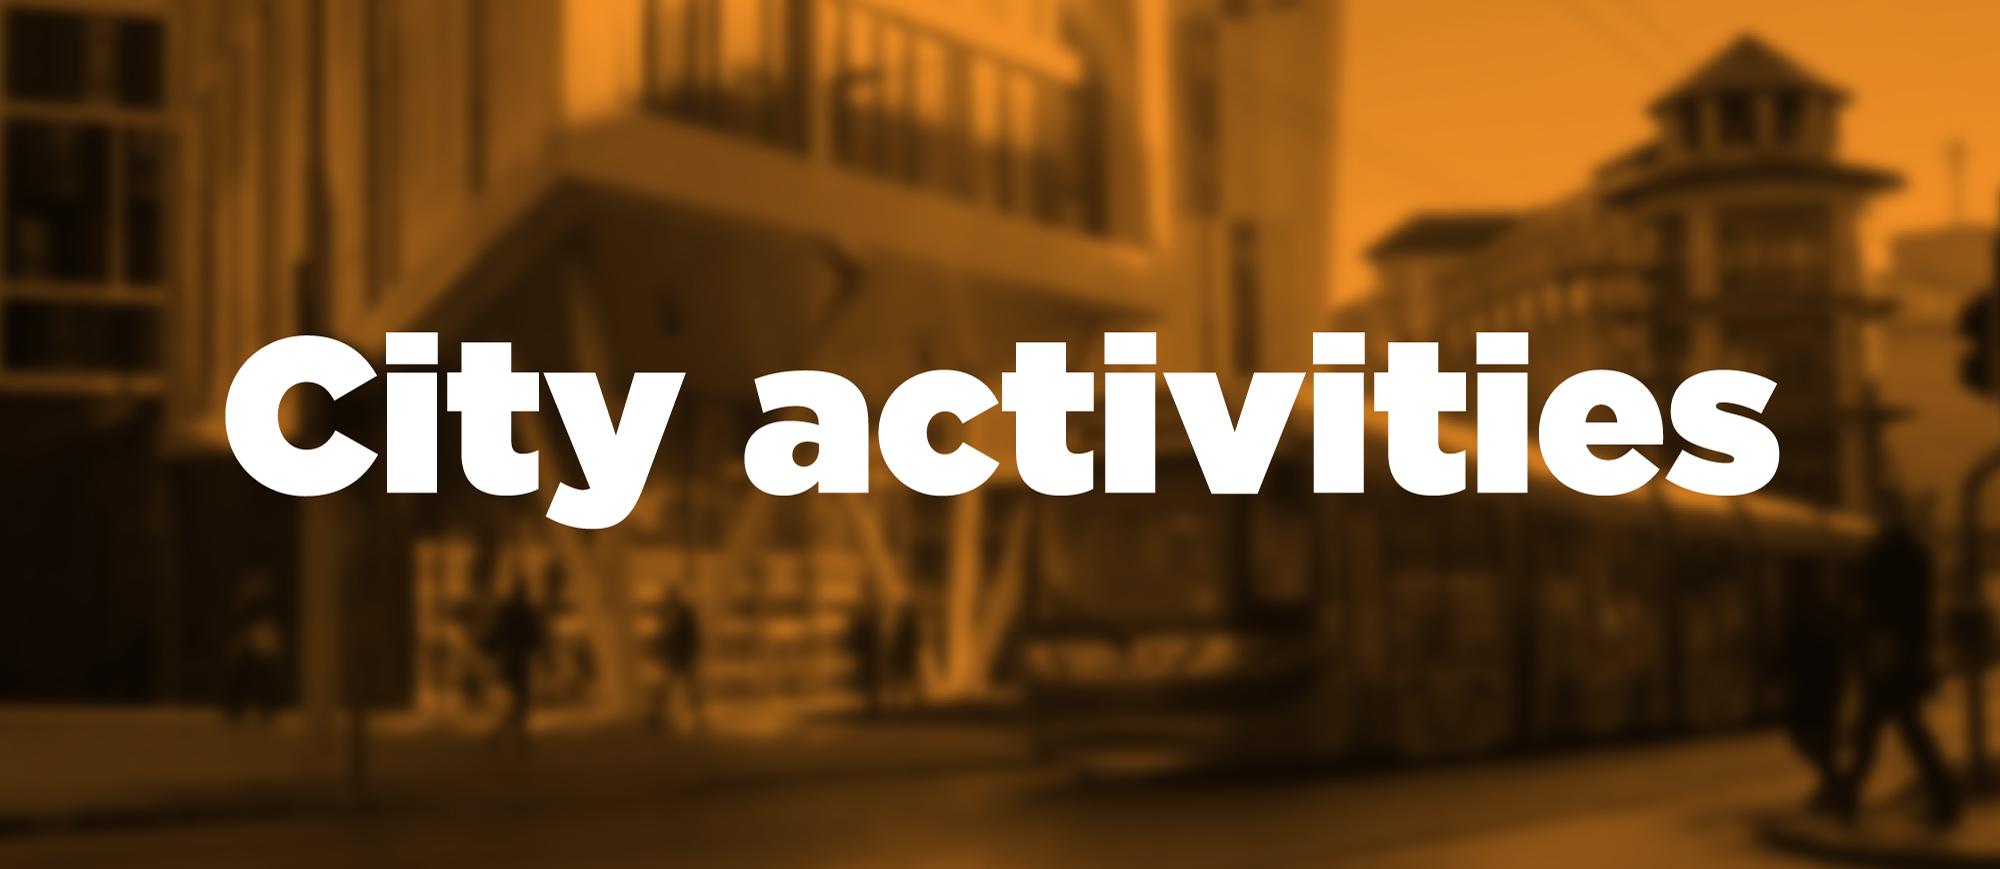 City Activities